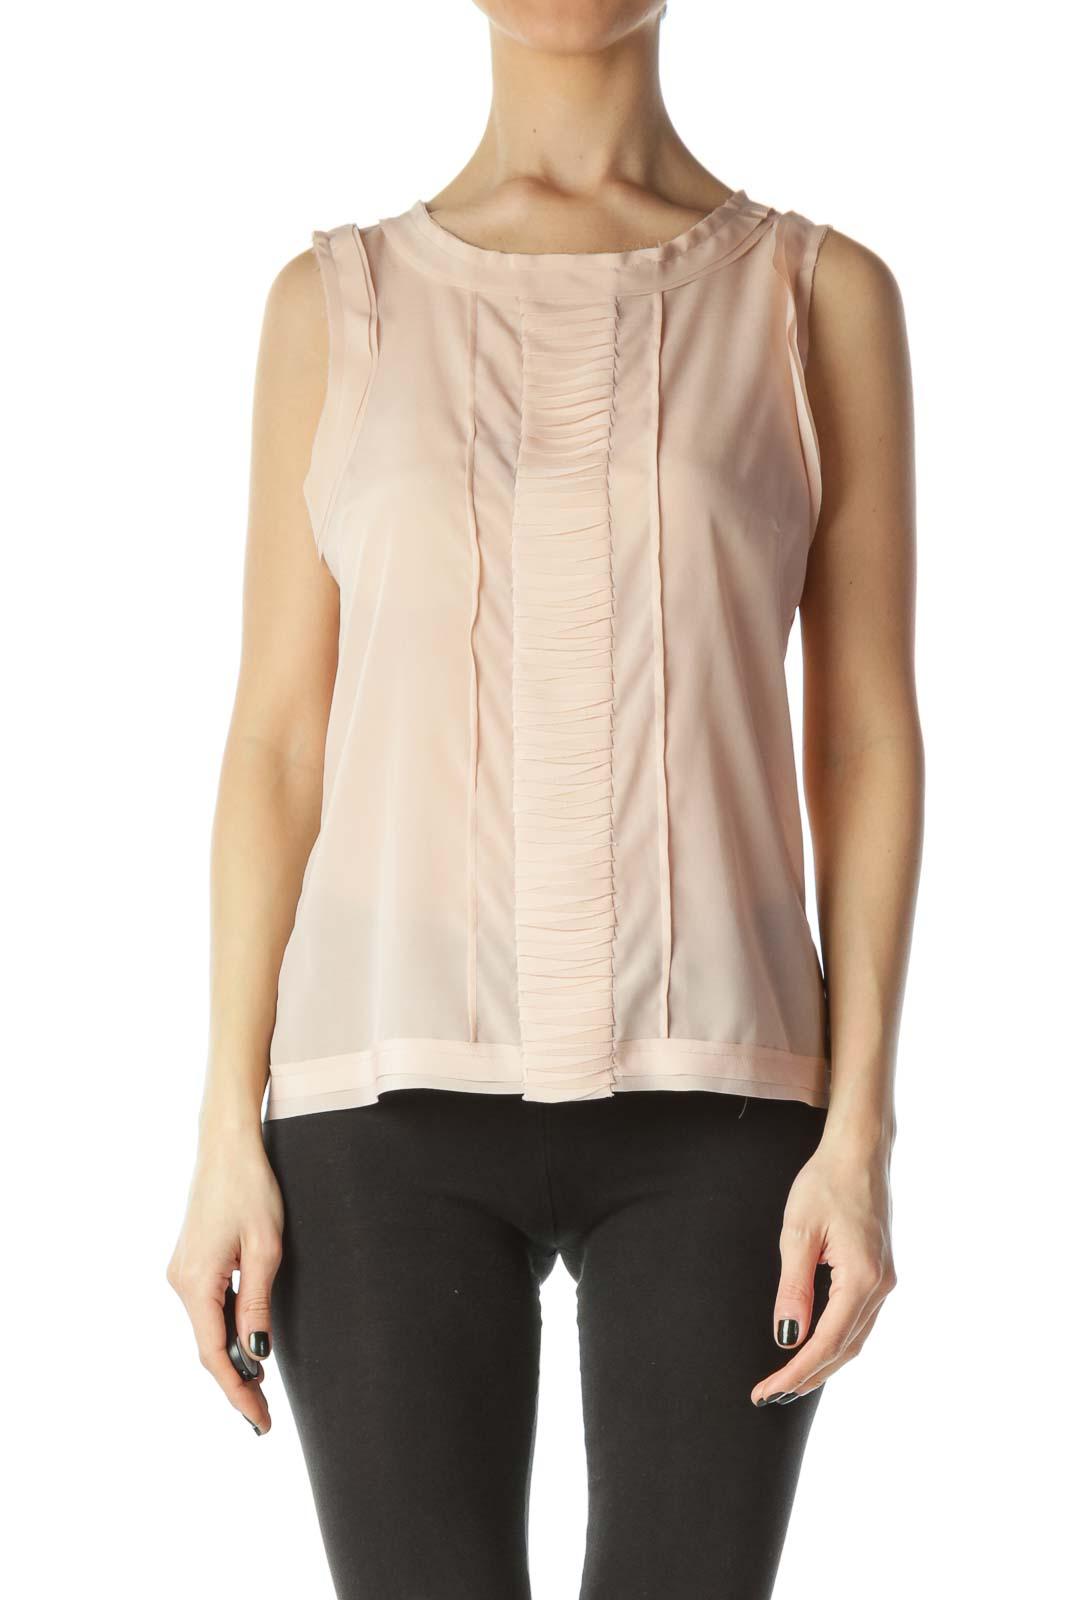 Pink Sleeveless Dress Shirt Front